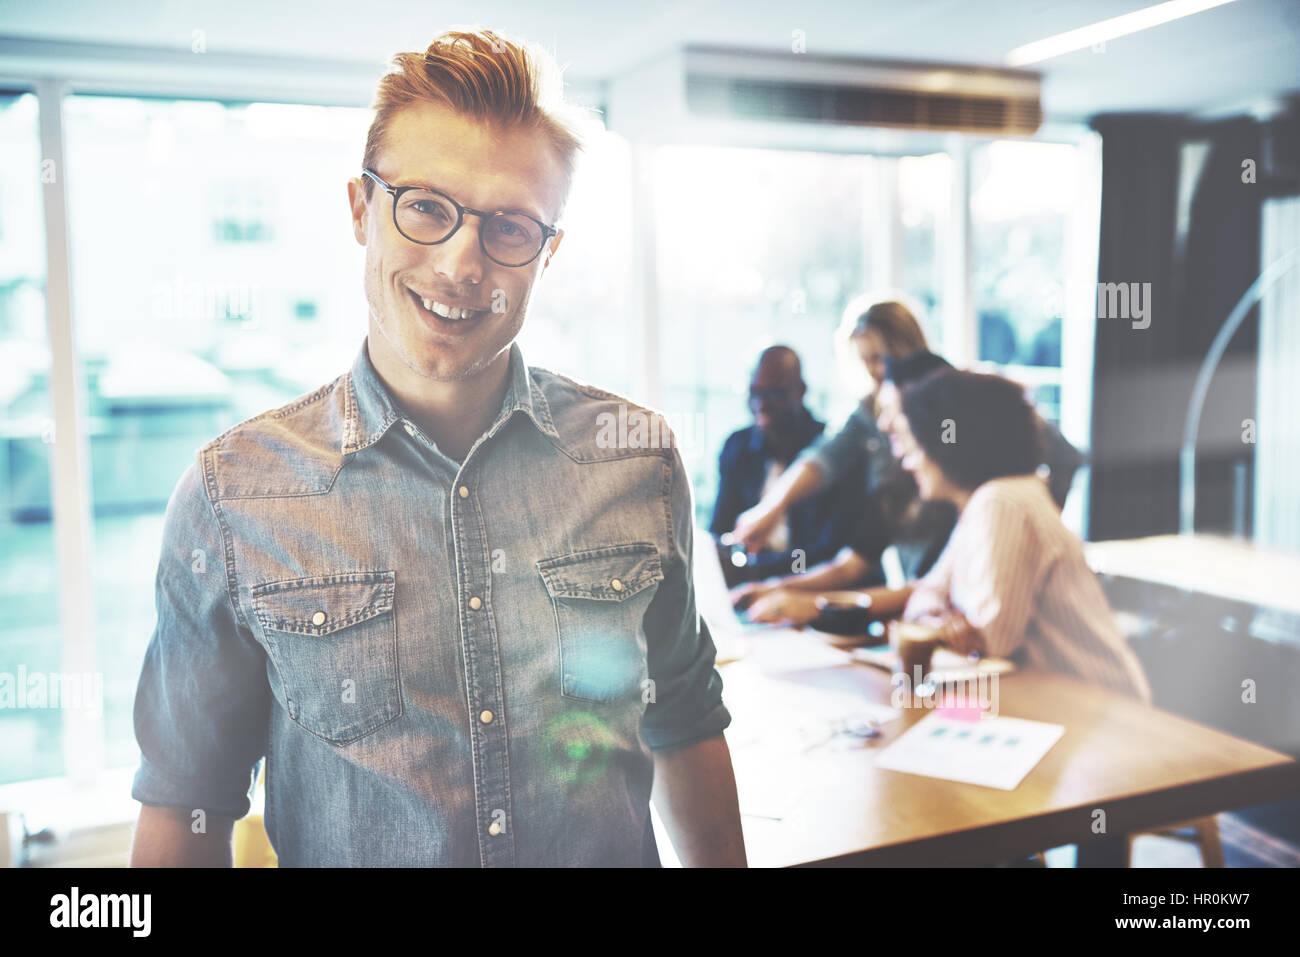 Giovane uomo bello indossare occhiali e abiti casual guardando la fotocamera e sorridente, stando in ufficio luminoso Foto Stock